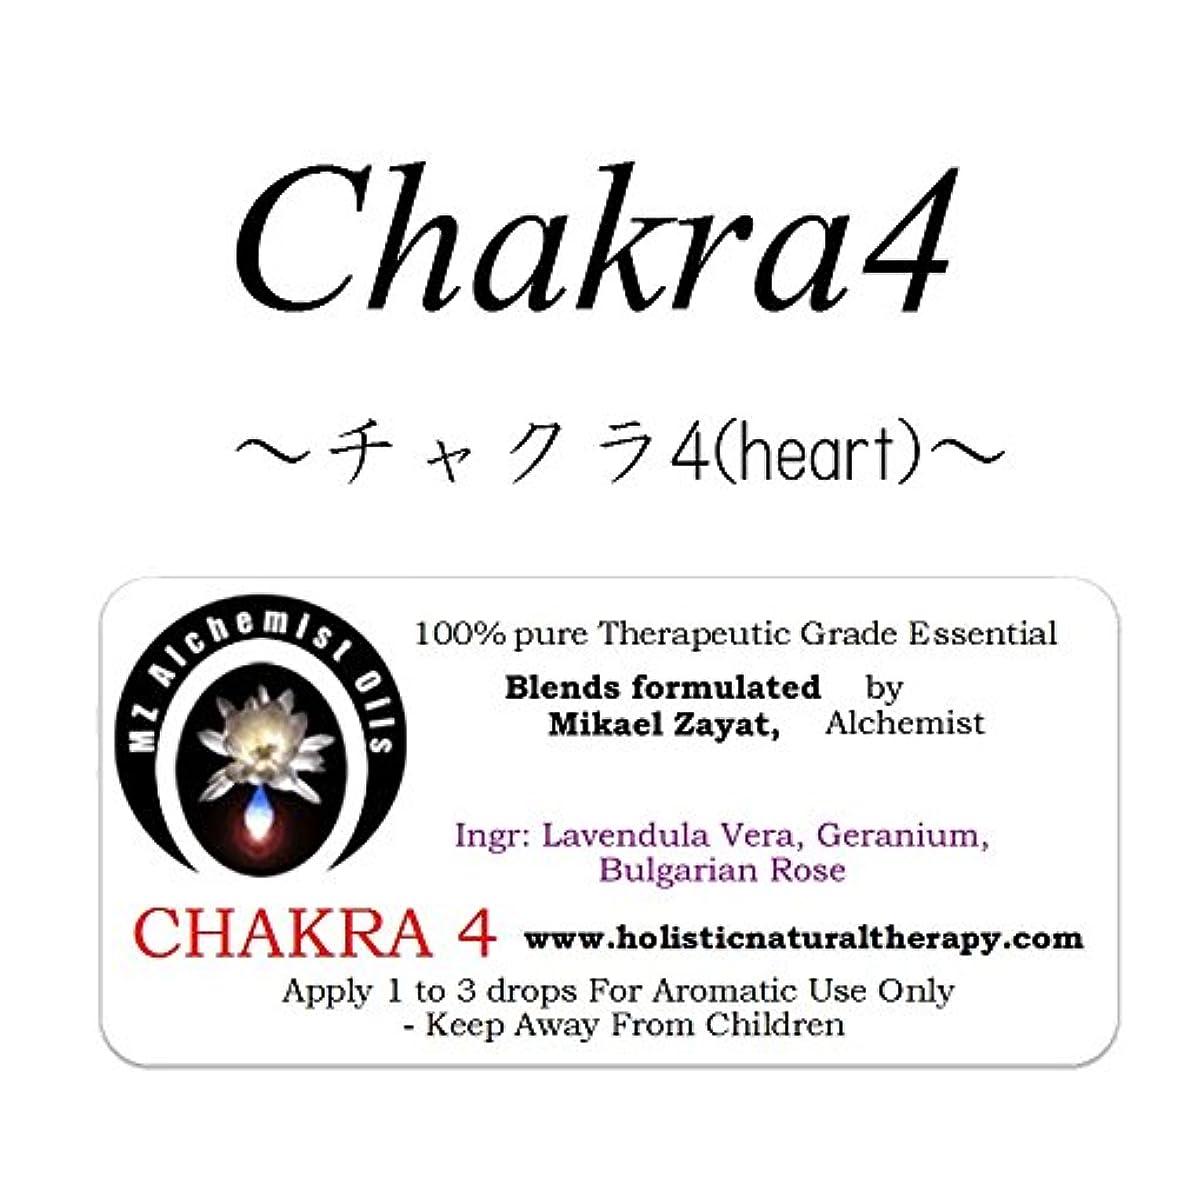 影響を受けやすいです検出そこからミカエル?ザヤットアルケミストオイル セラピストグレードアロマオイル Chakra 4(heart)-チャクラ4 - 4ml